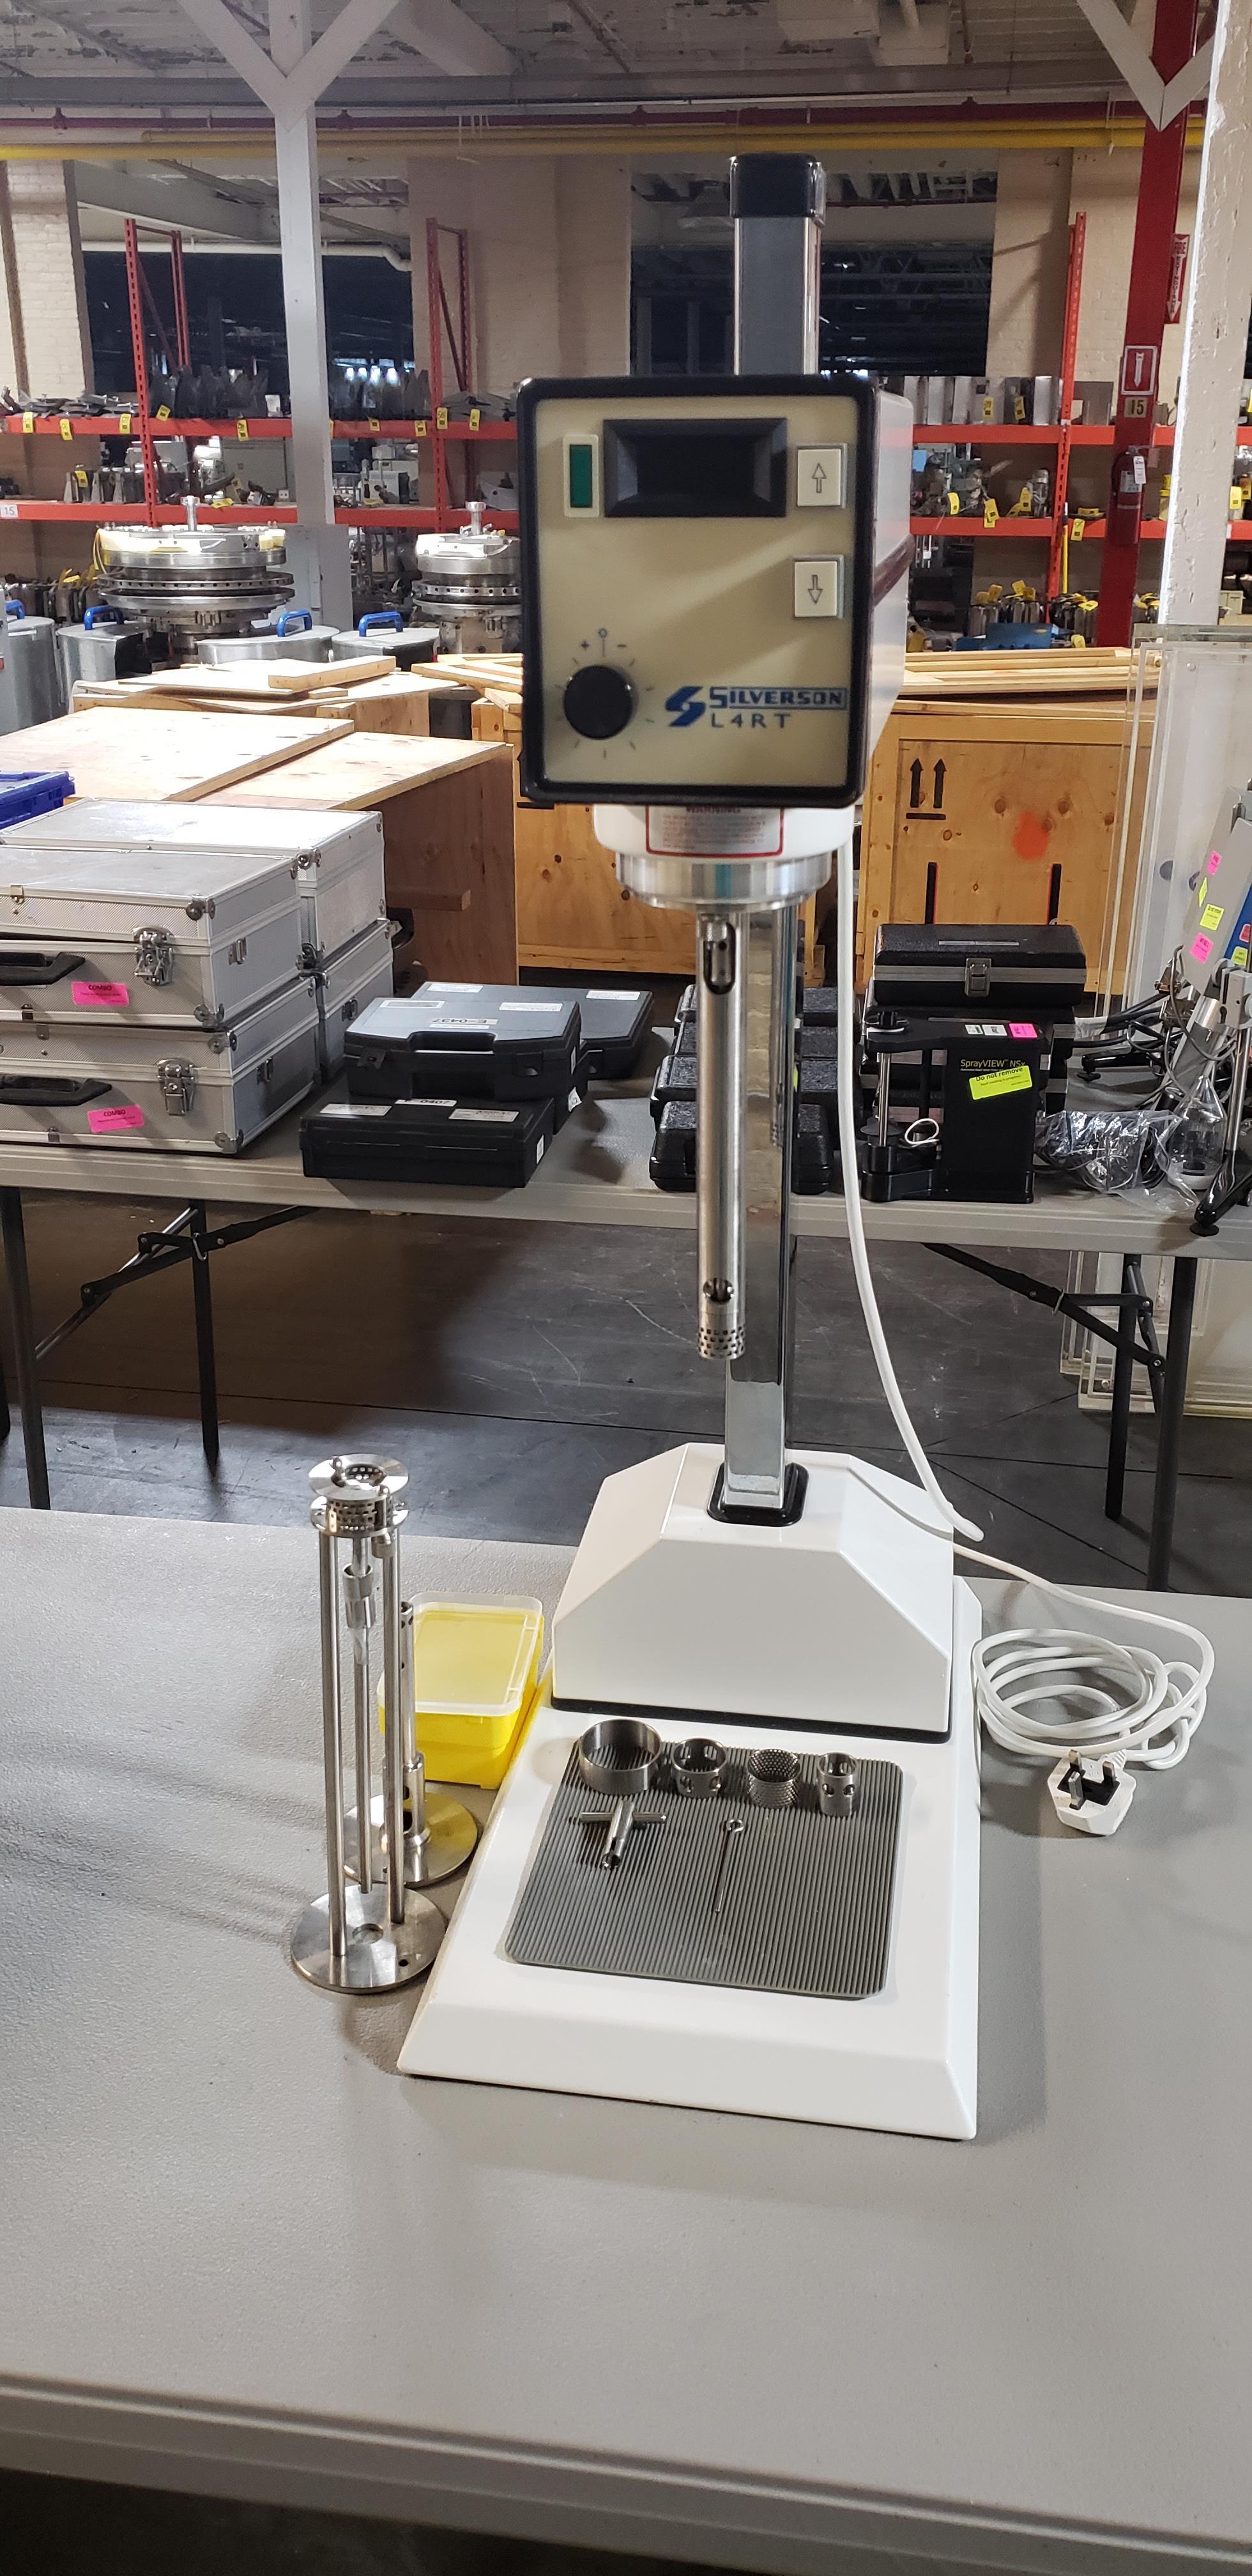 Lot 35 - Silverson Heavy duty Mixer Emulsifier